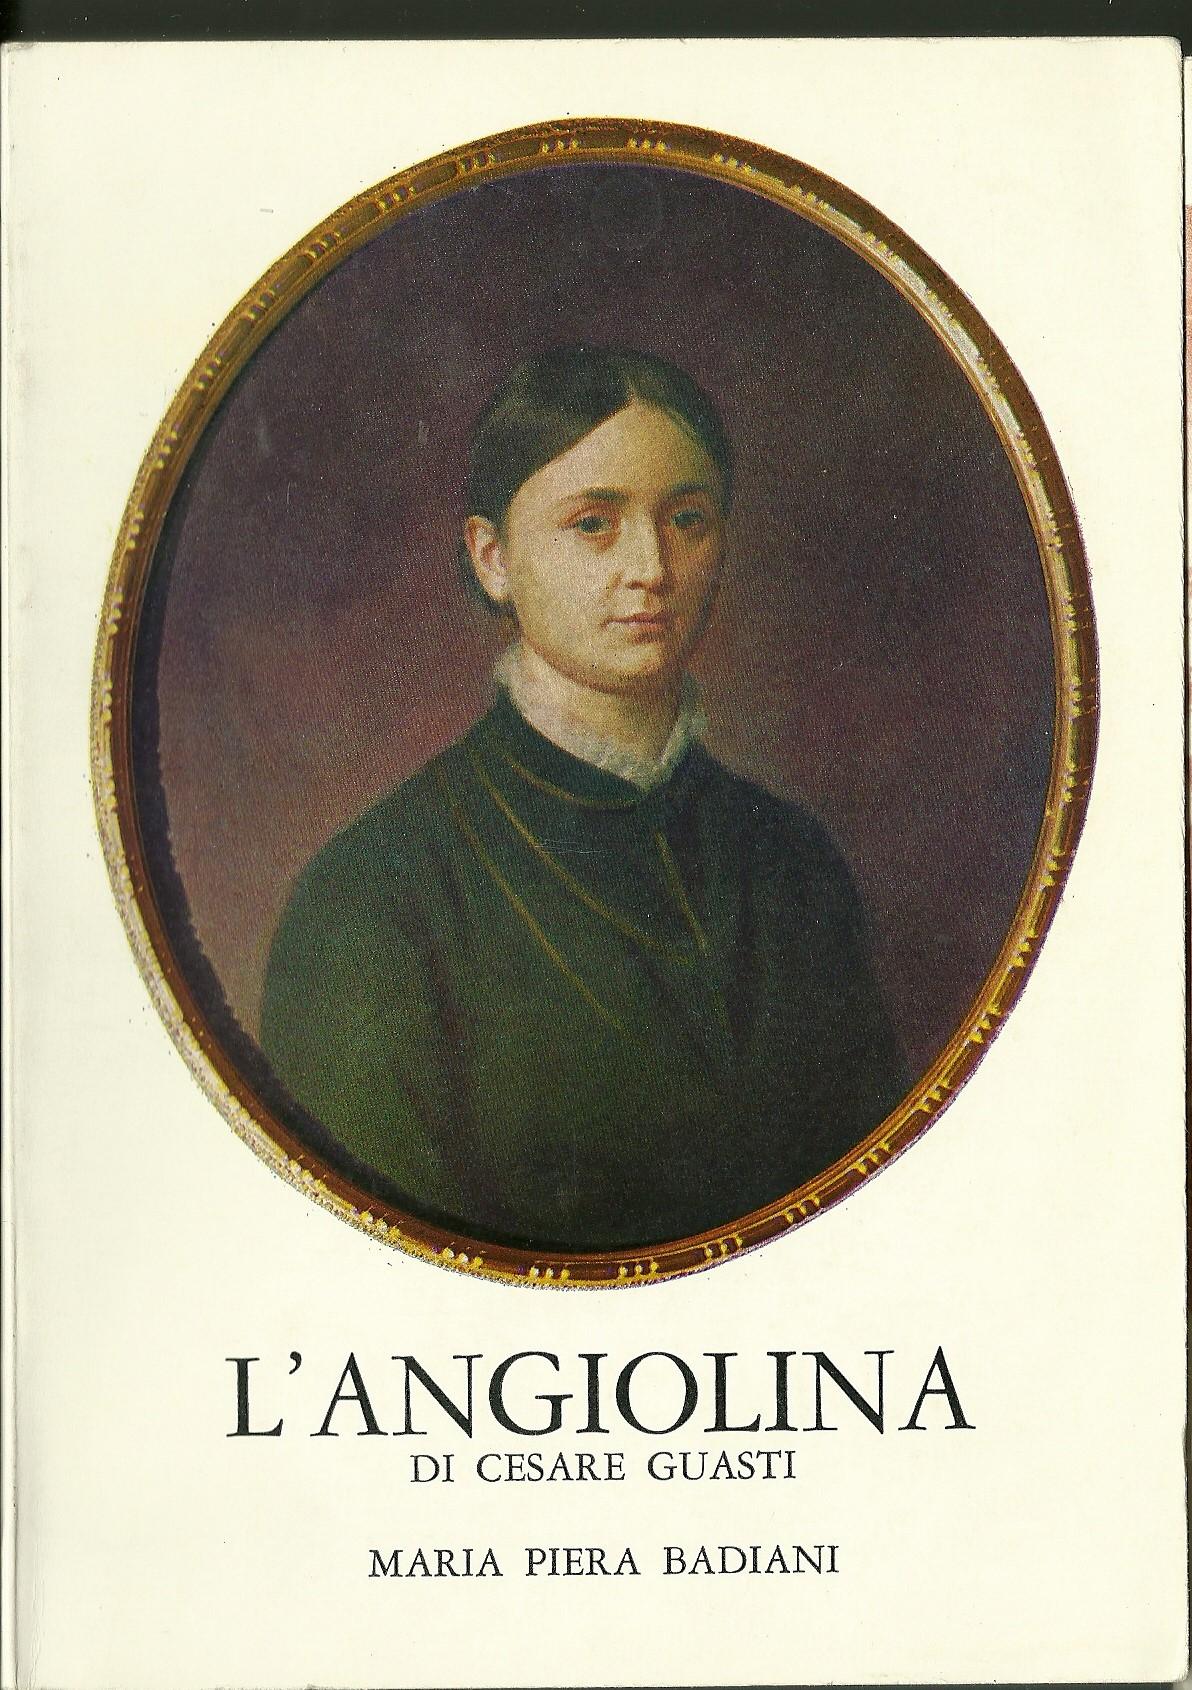 L'Angiolina di Cesare Guasti - Vol. 1